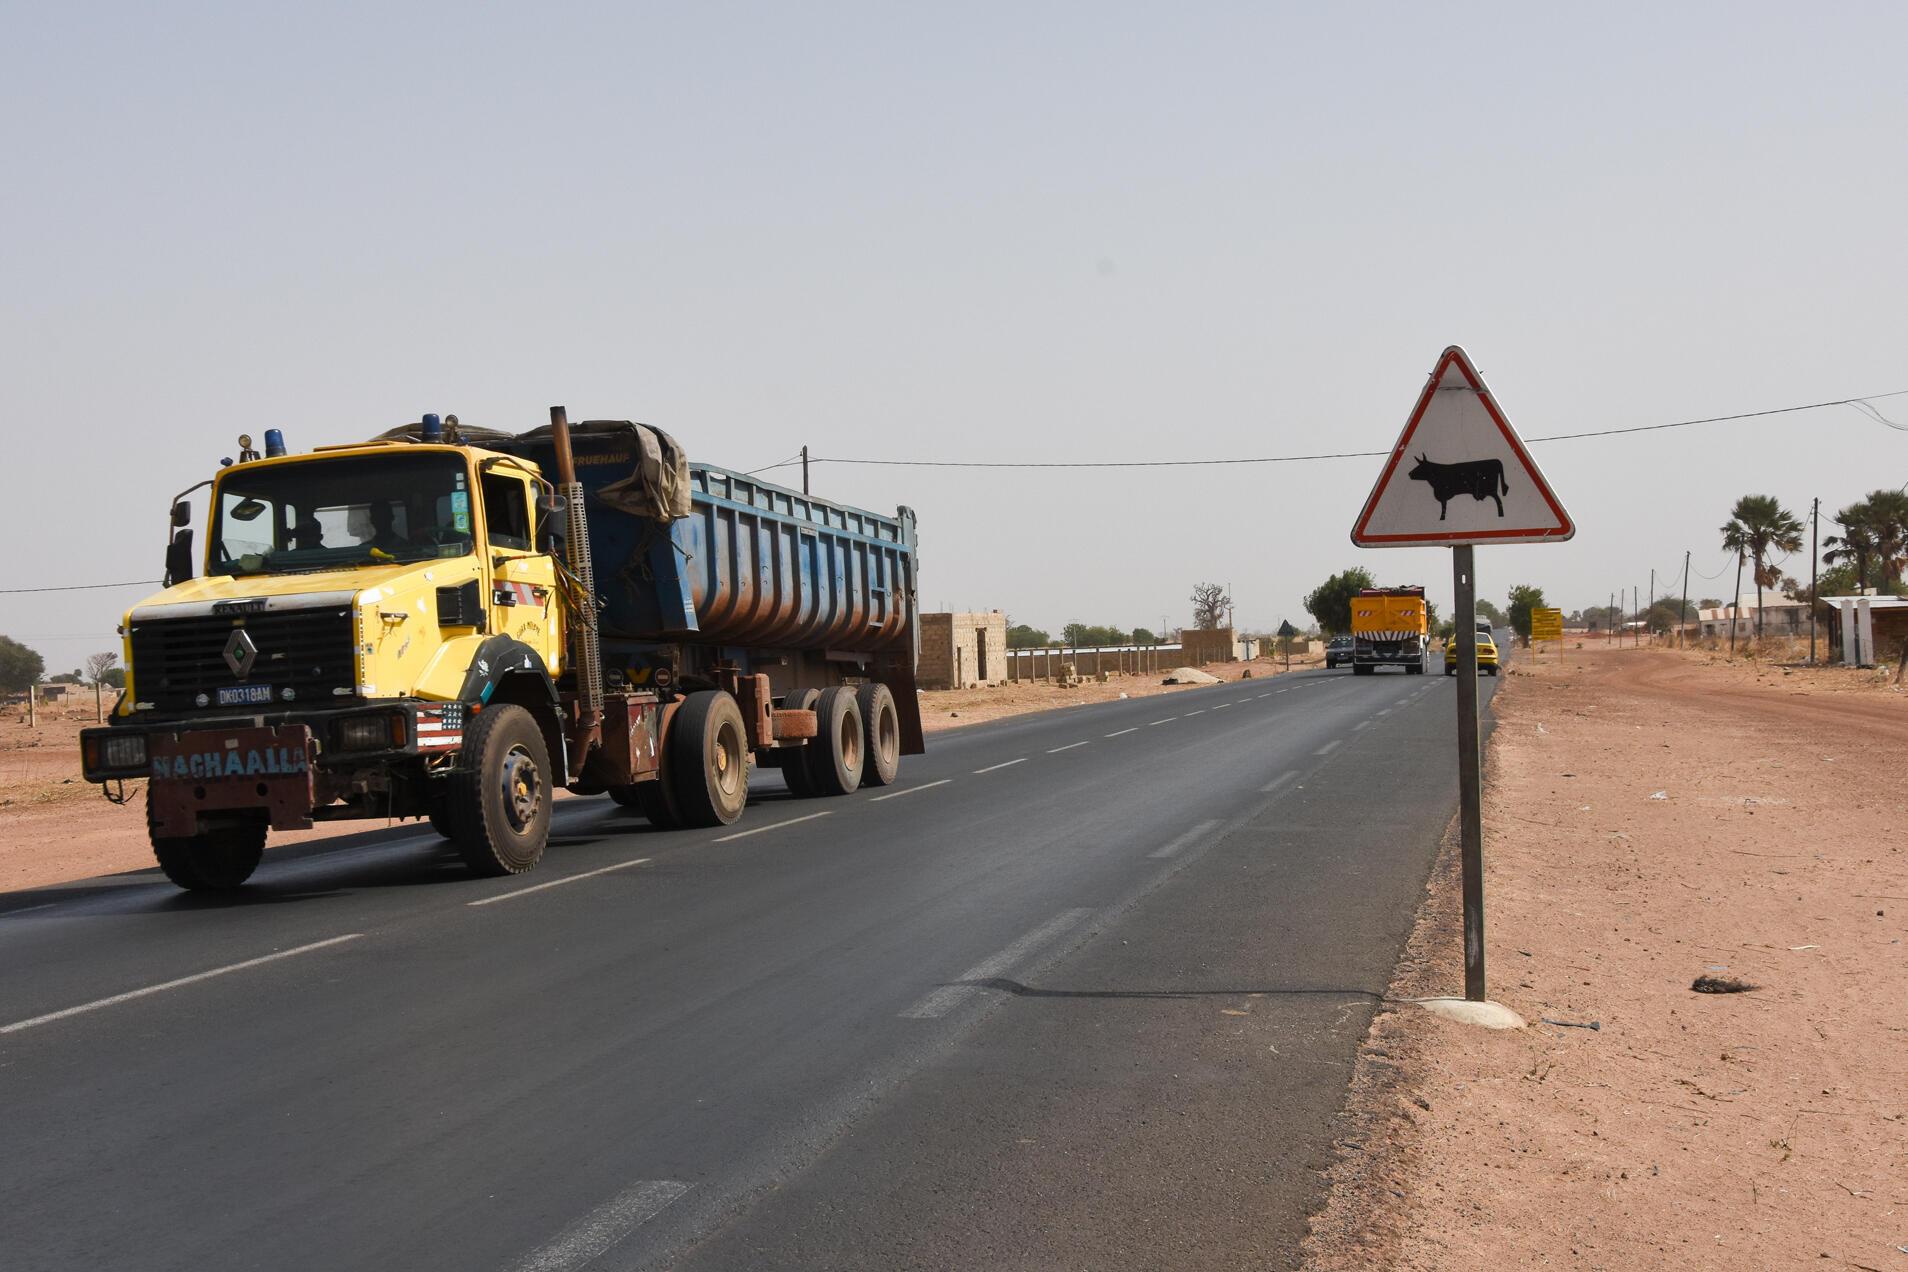 Sur la route entre Dakar et Kaolack, les panneaux de signalisation rappellent aux conducteurs les risques de traversée de bétail.